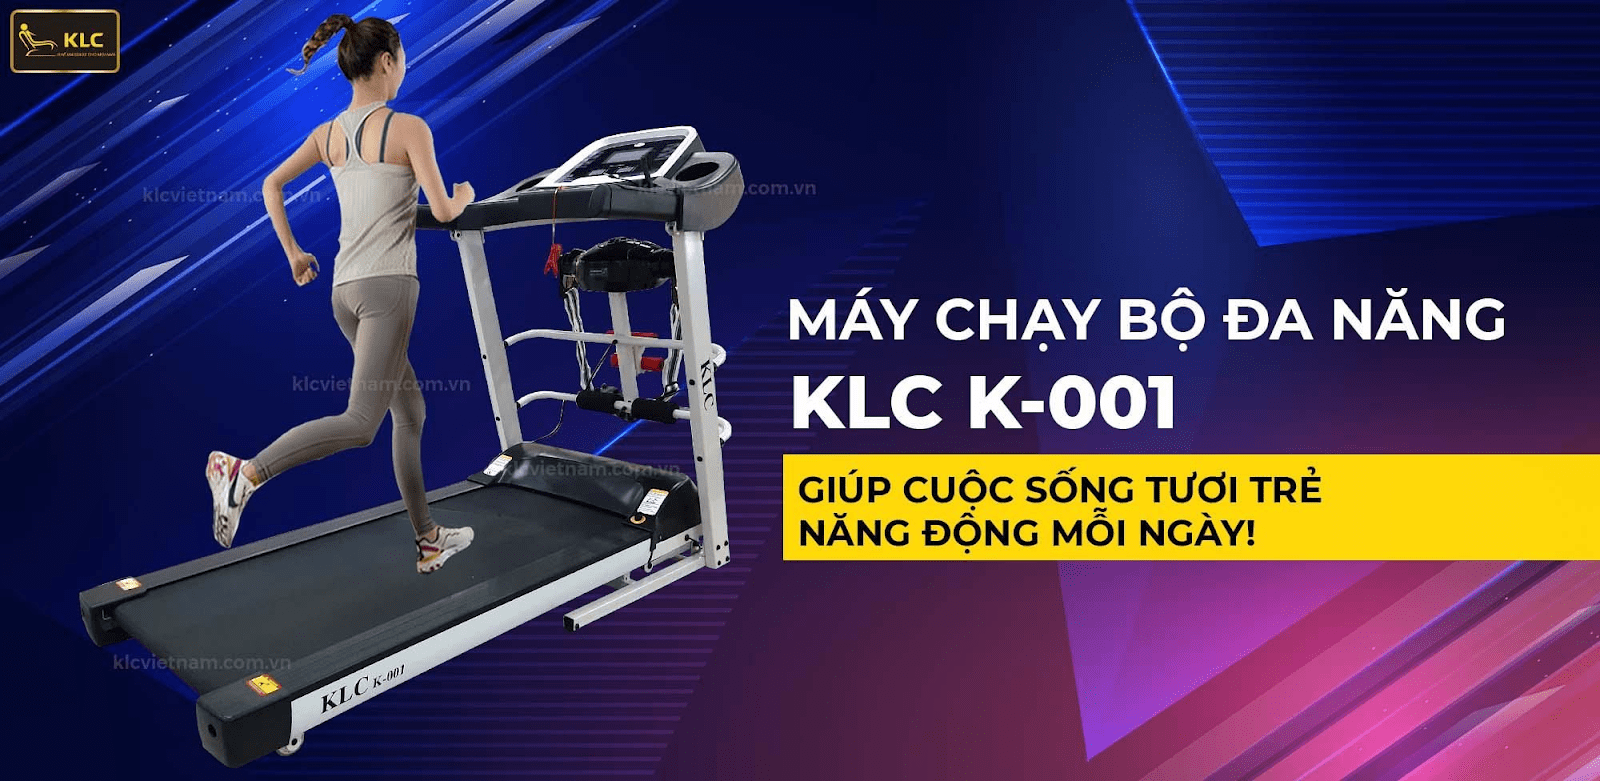 Máy chạy bộ đa năng KLC K-001